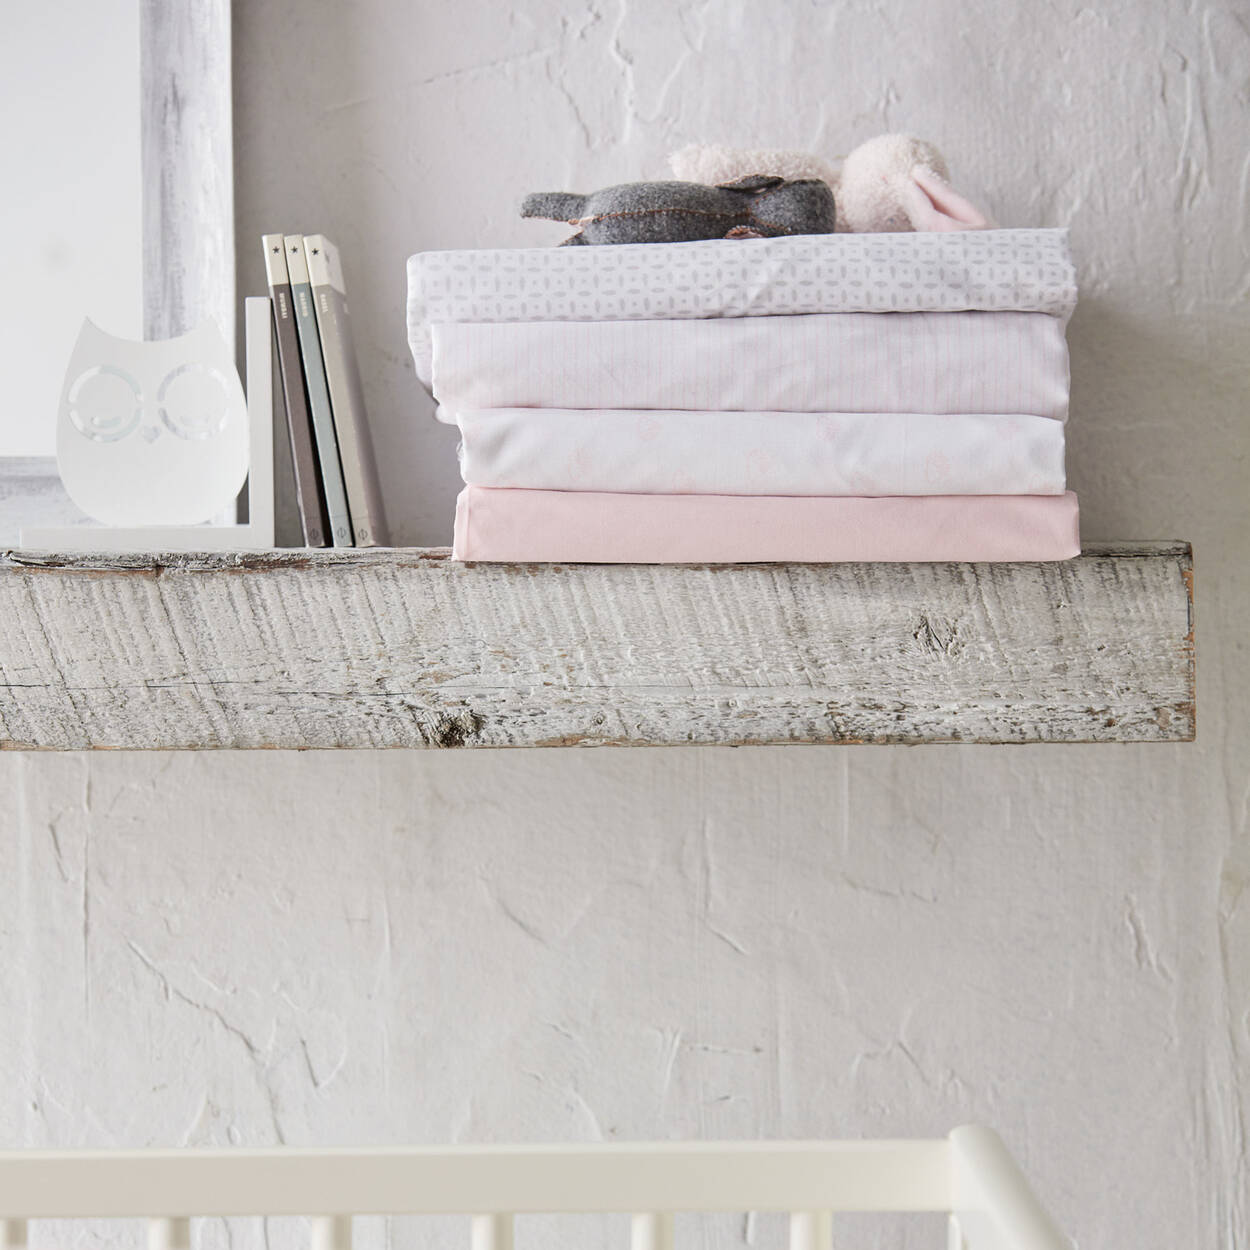 drap housse pointill pour lit de b b. Black Bedroom Furniture Sets. Home Design Ideas